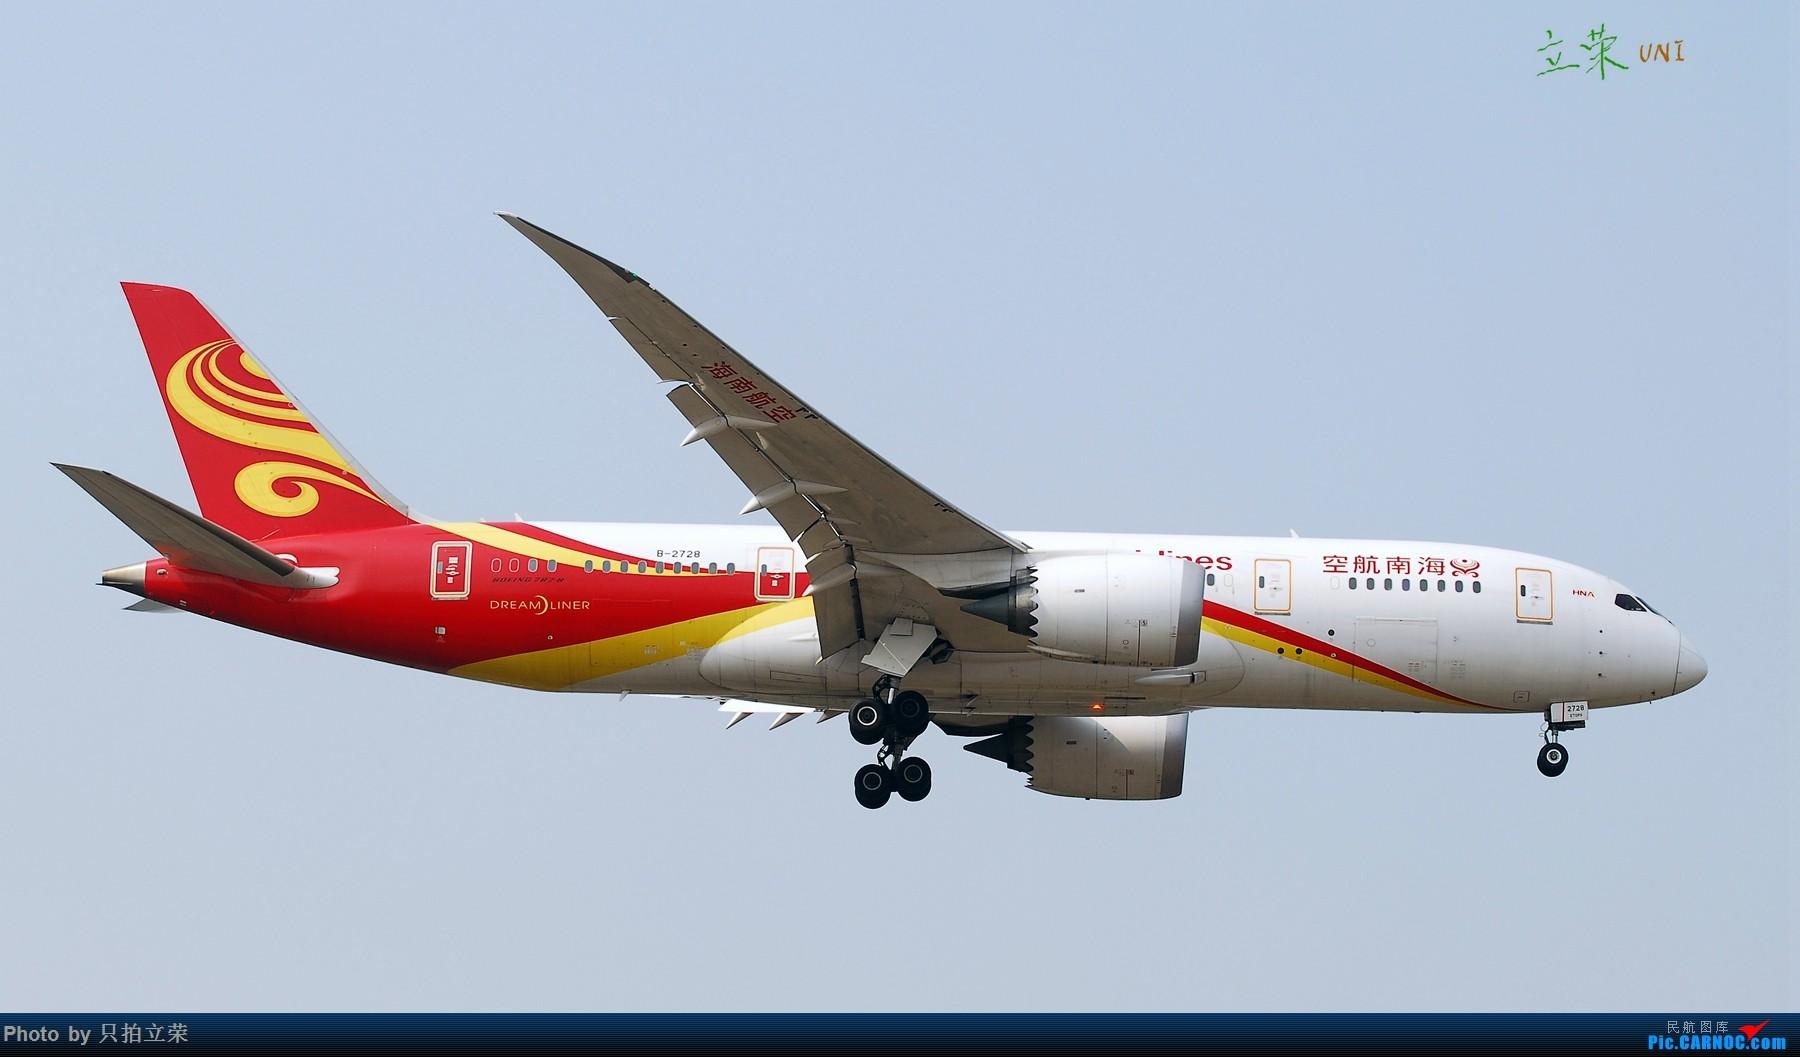 Re:[原创]长沙的海航波音787系列 BOEING 787-8 B-2728 中国长沙黄花国际机场